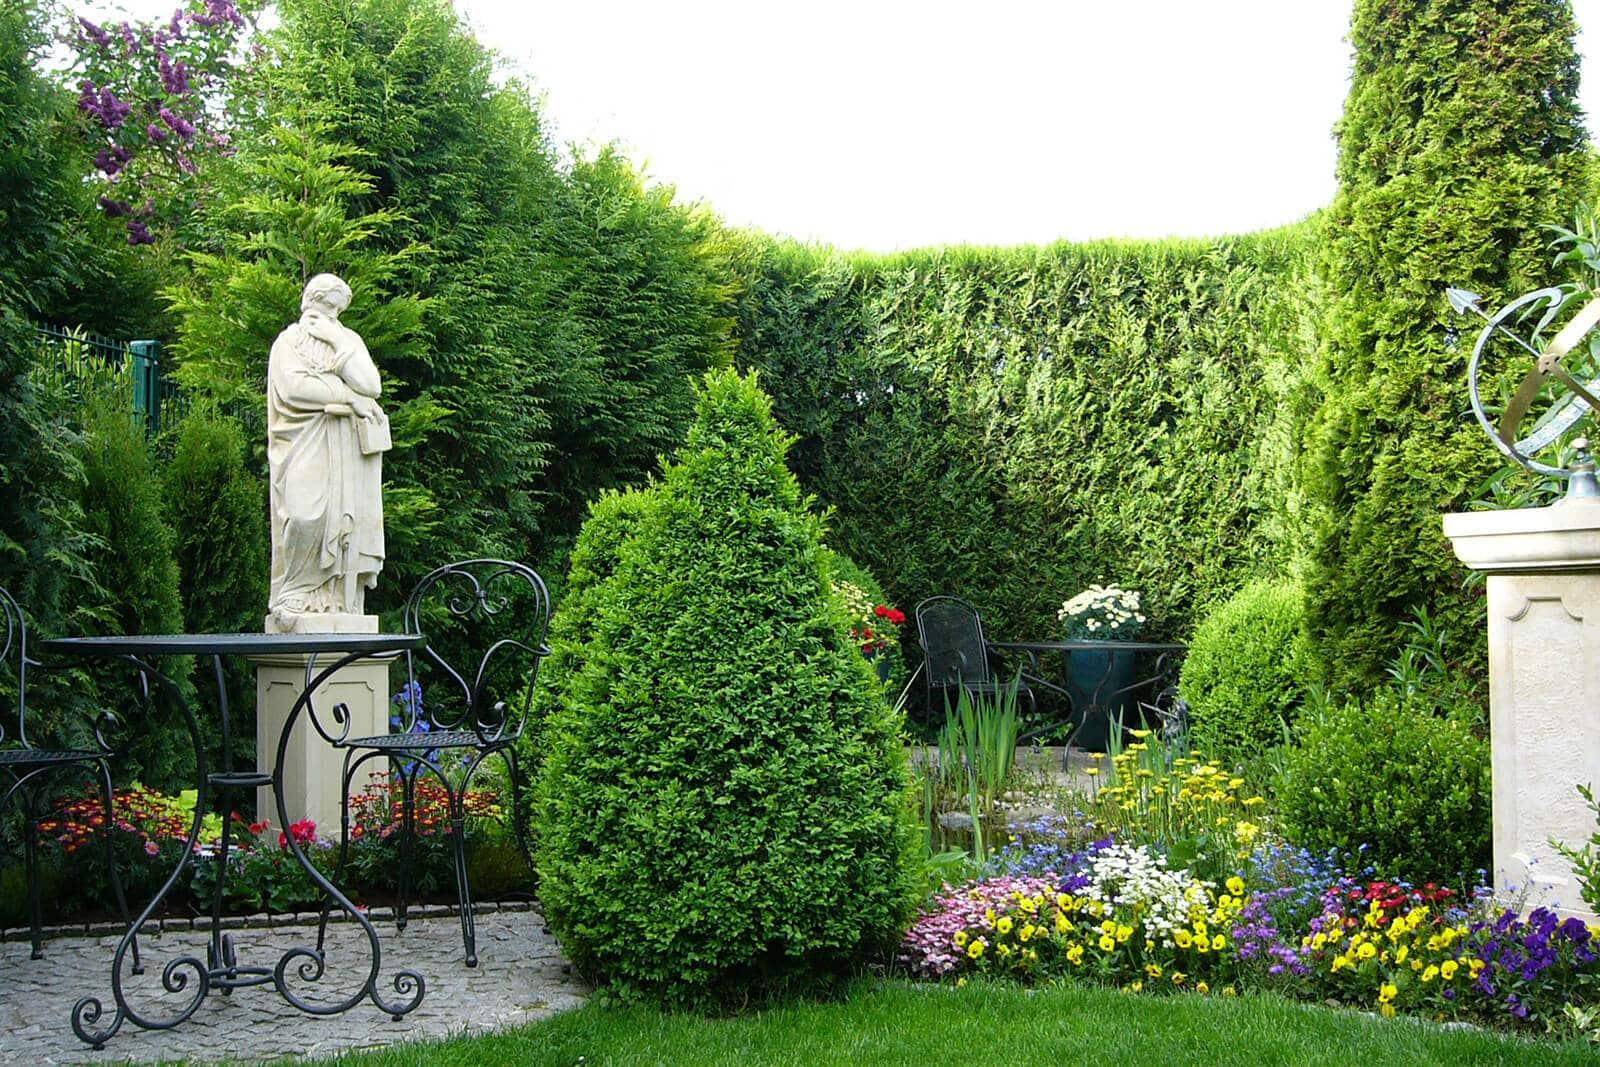 gartengestaltung-sonnenuhr-skulptur-hecke-kleiner-garten